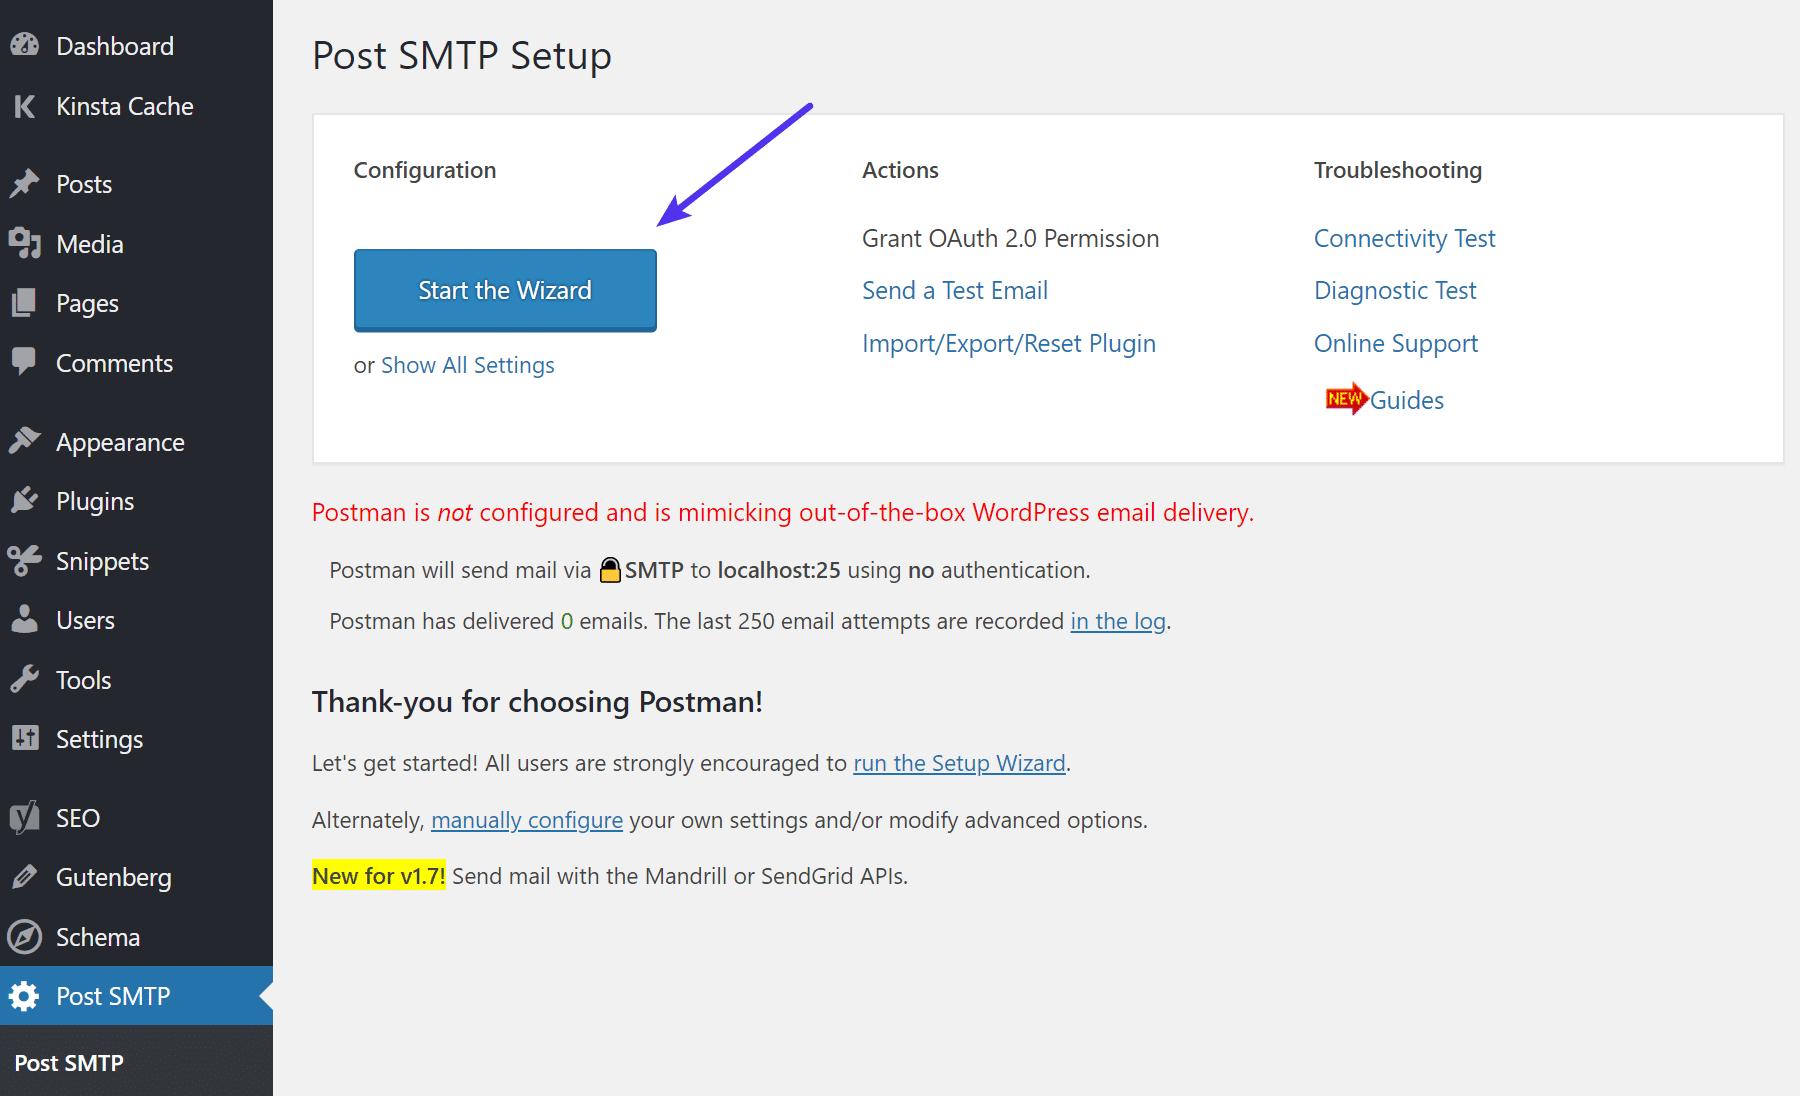 Avvio della procedura guidata di Post SMTP